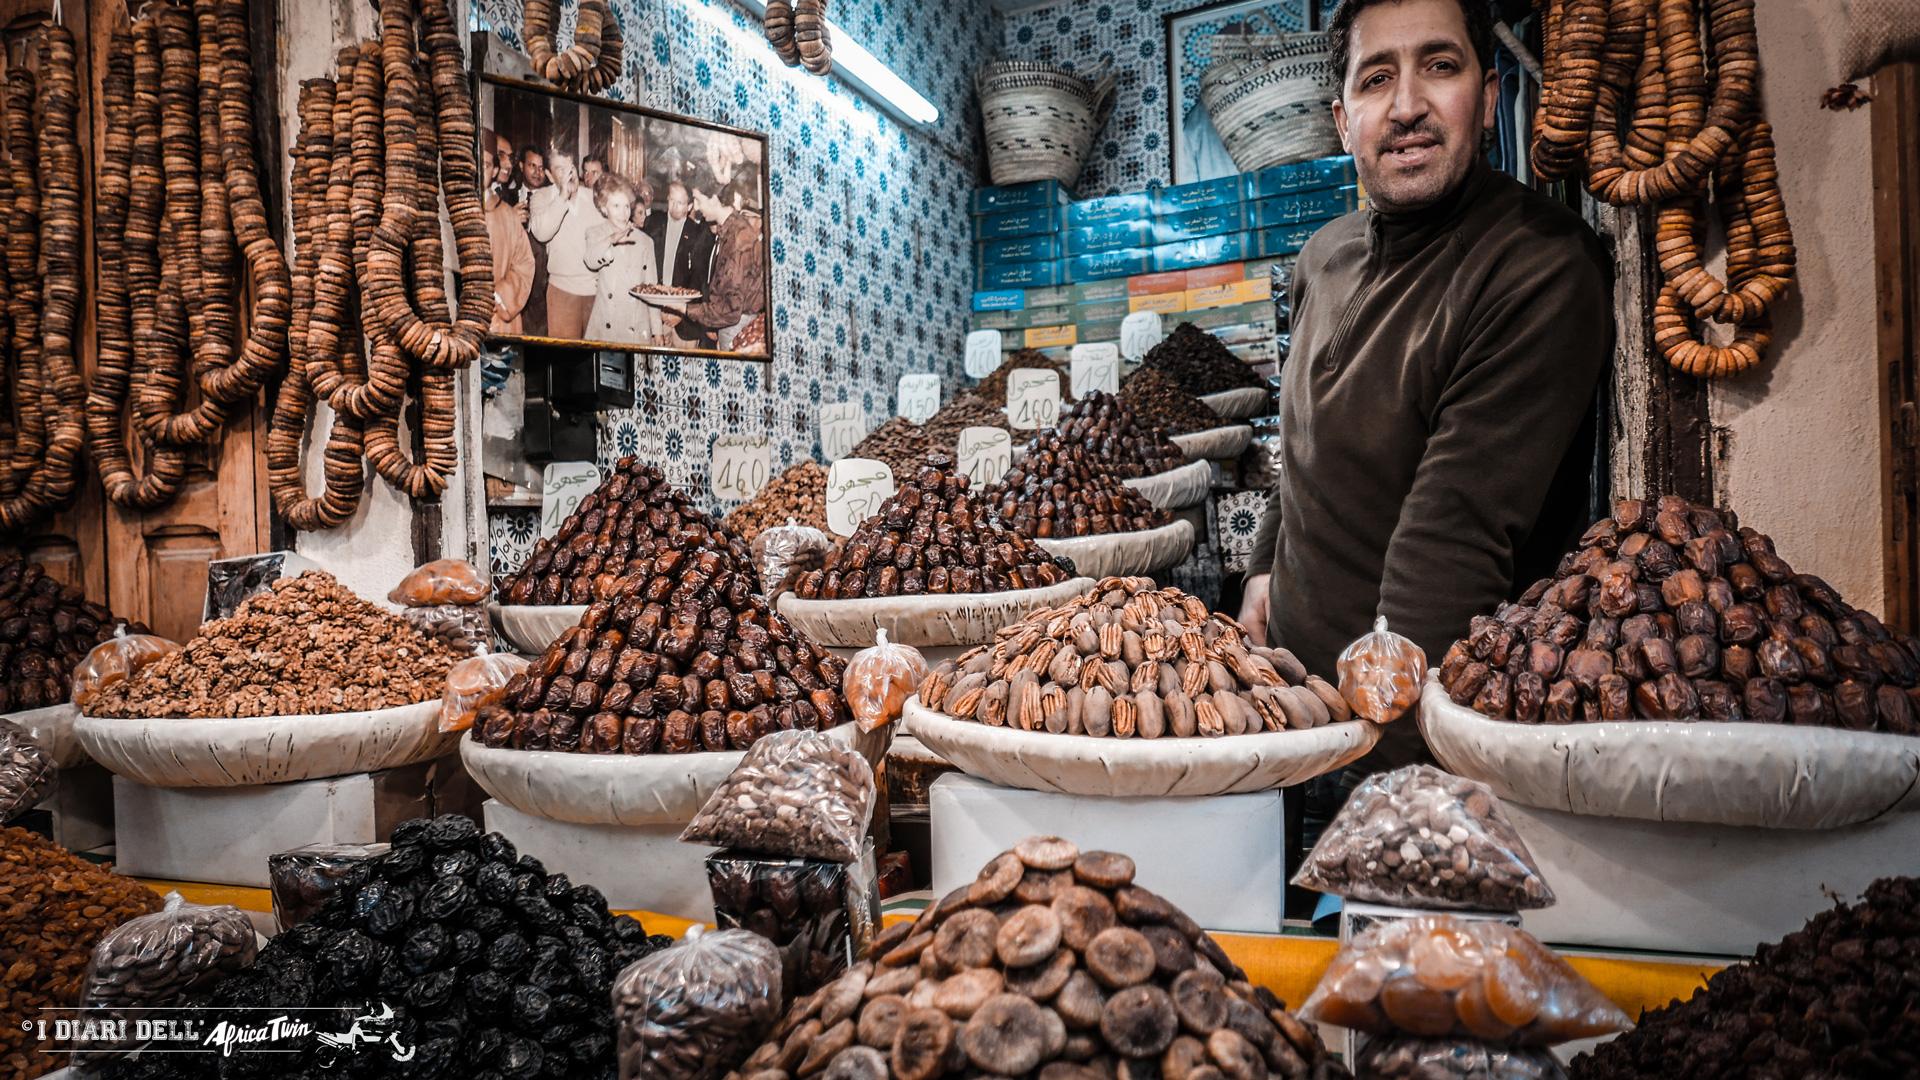 Vasta offerta culinaria nella Medina di Fès.